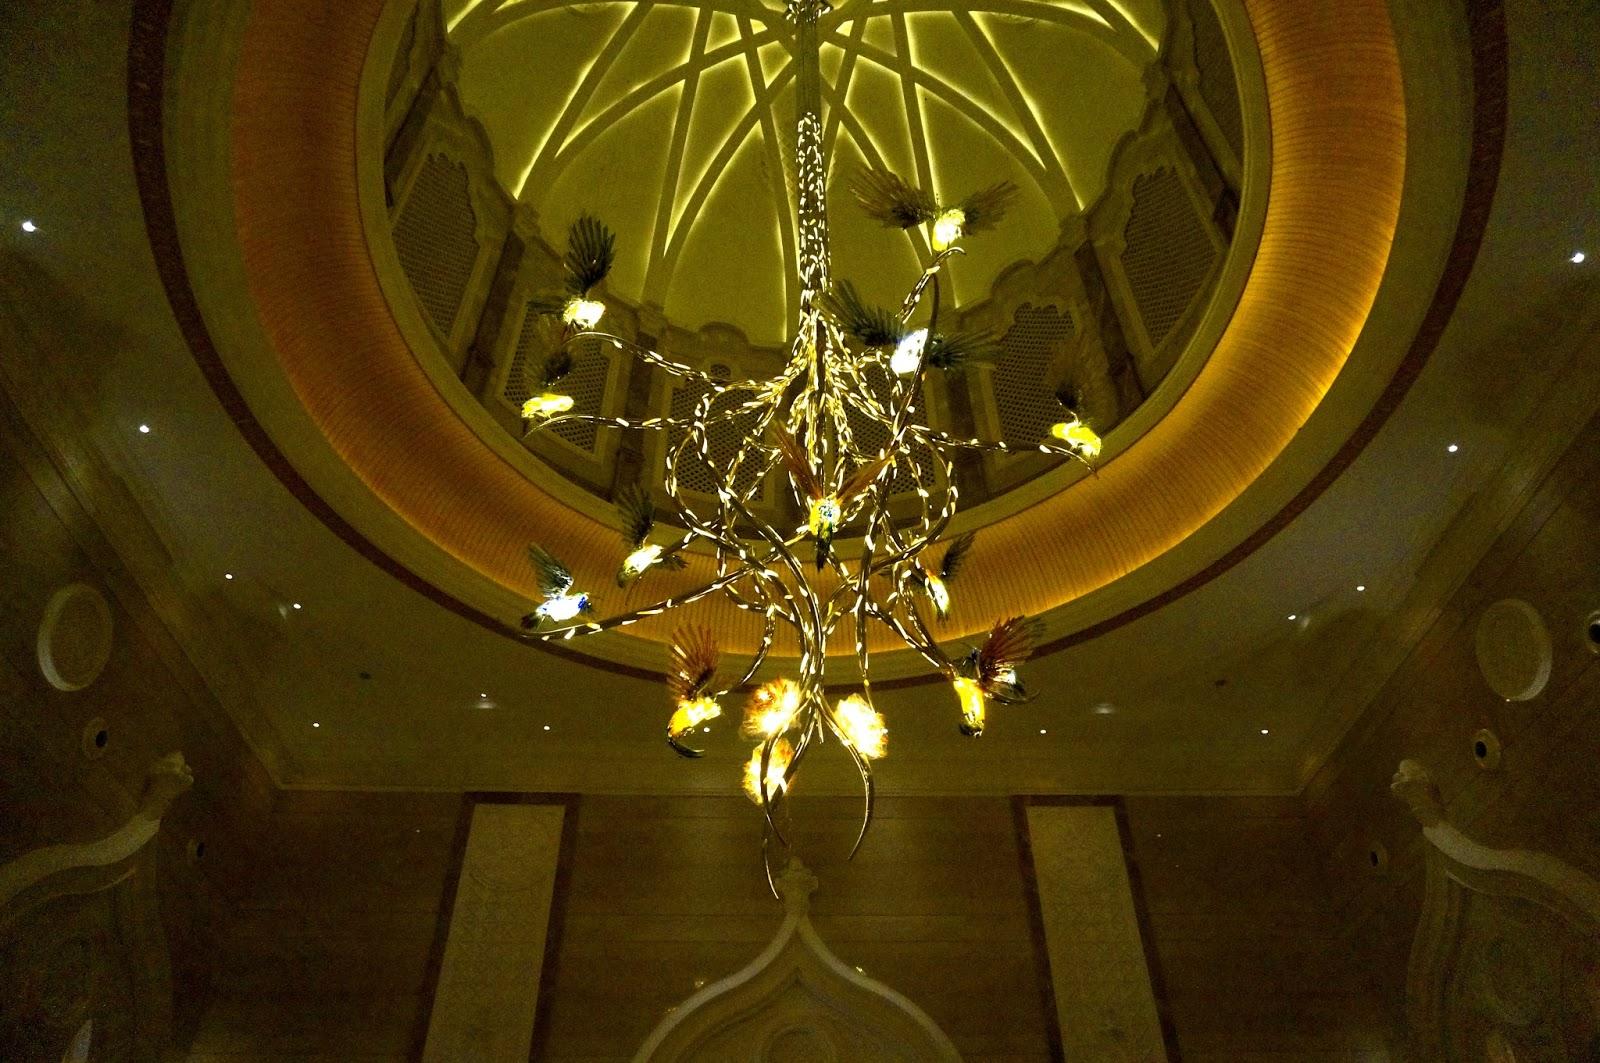 Ramadan 2015 in Doha: Suhoor